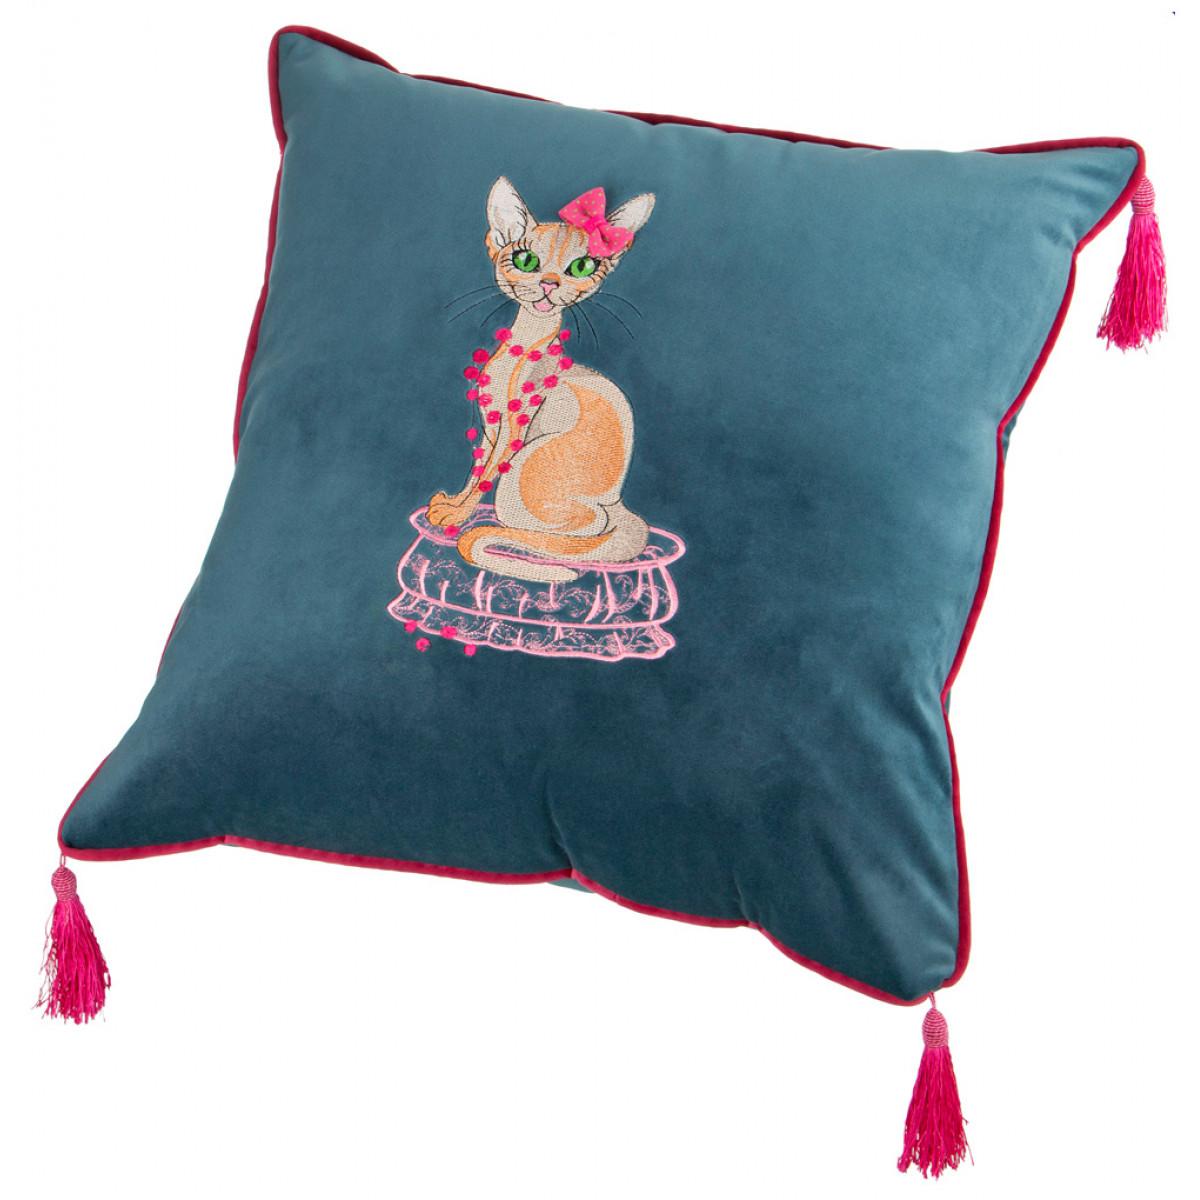 Декоративные подушки Santalino Декоративная подушка Judie  (45х45) декоративные подушки оранжевый кот подушка игрушка медведь чистые погоны чистая совесть